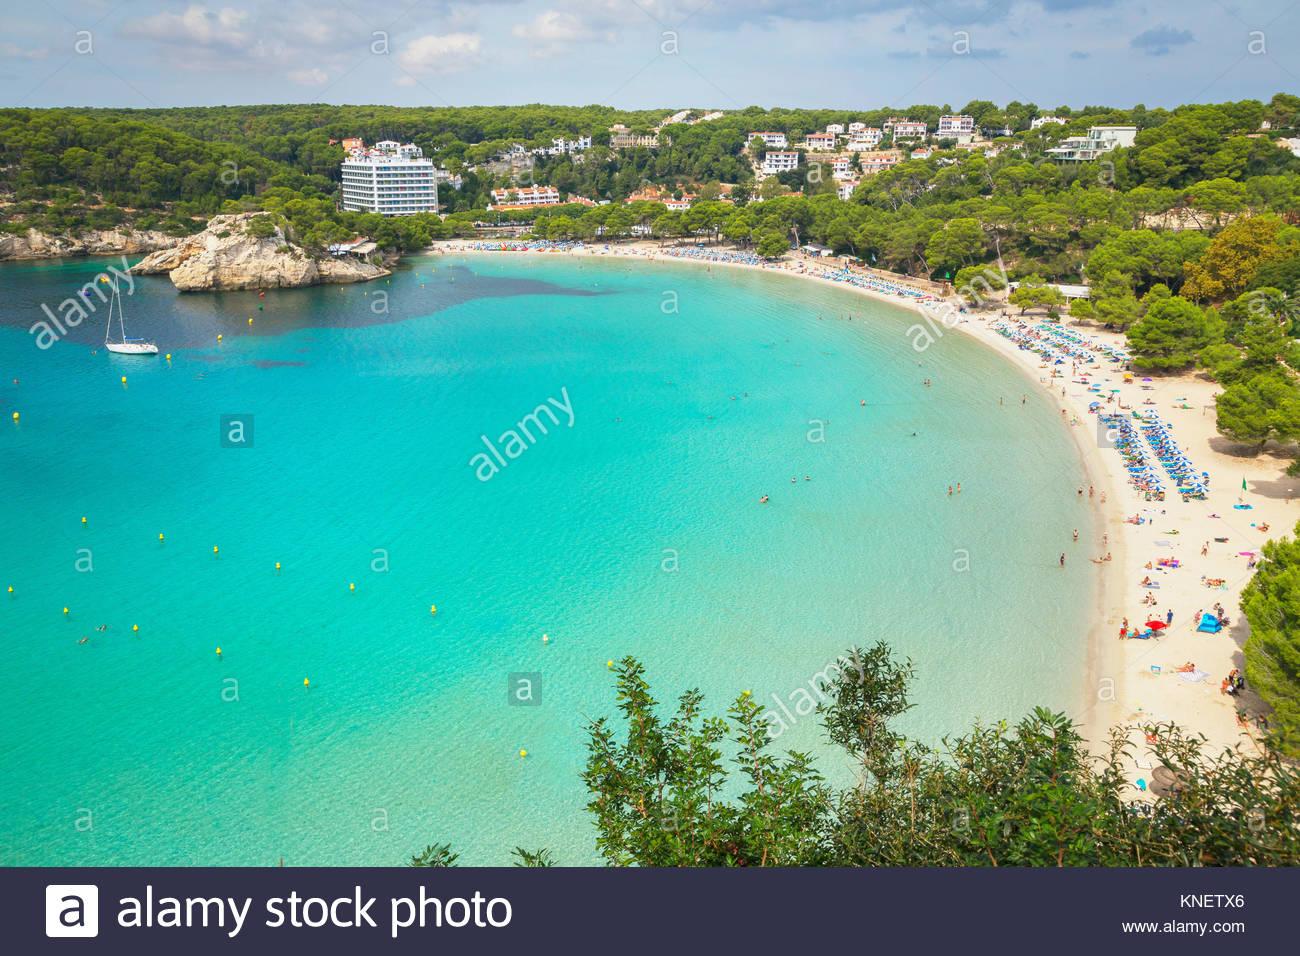 Anzeigen von Urlauber am Sandstrand in Cala Galdana, Menorca, Balearen, Spanien Stockbild